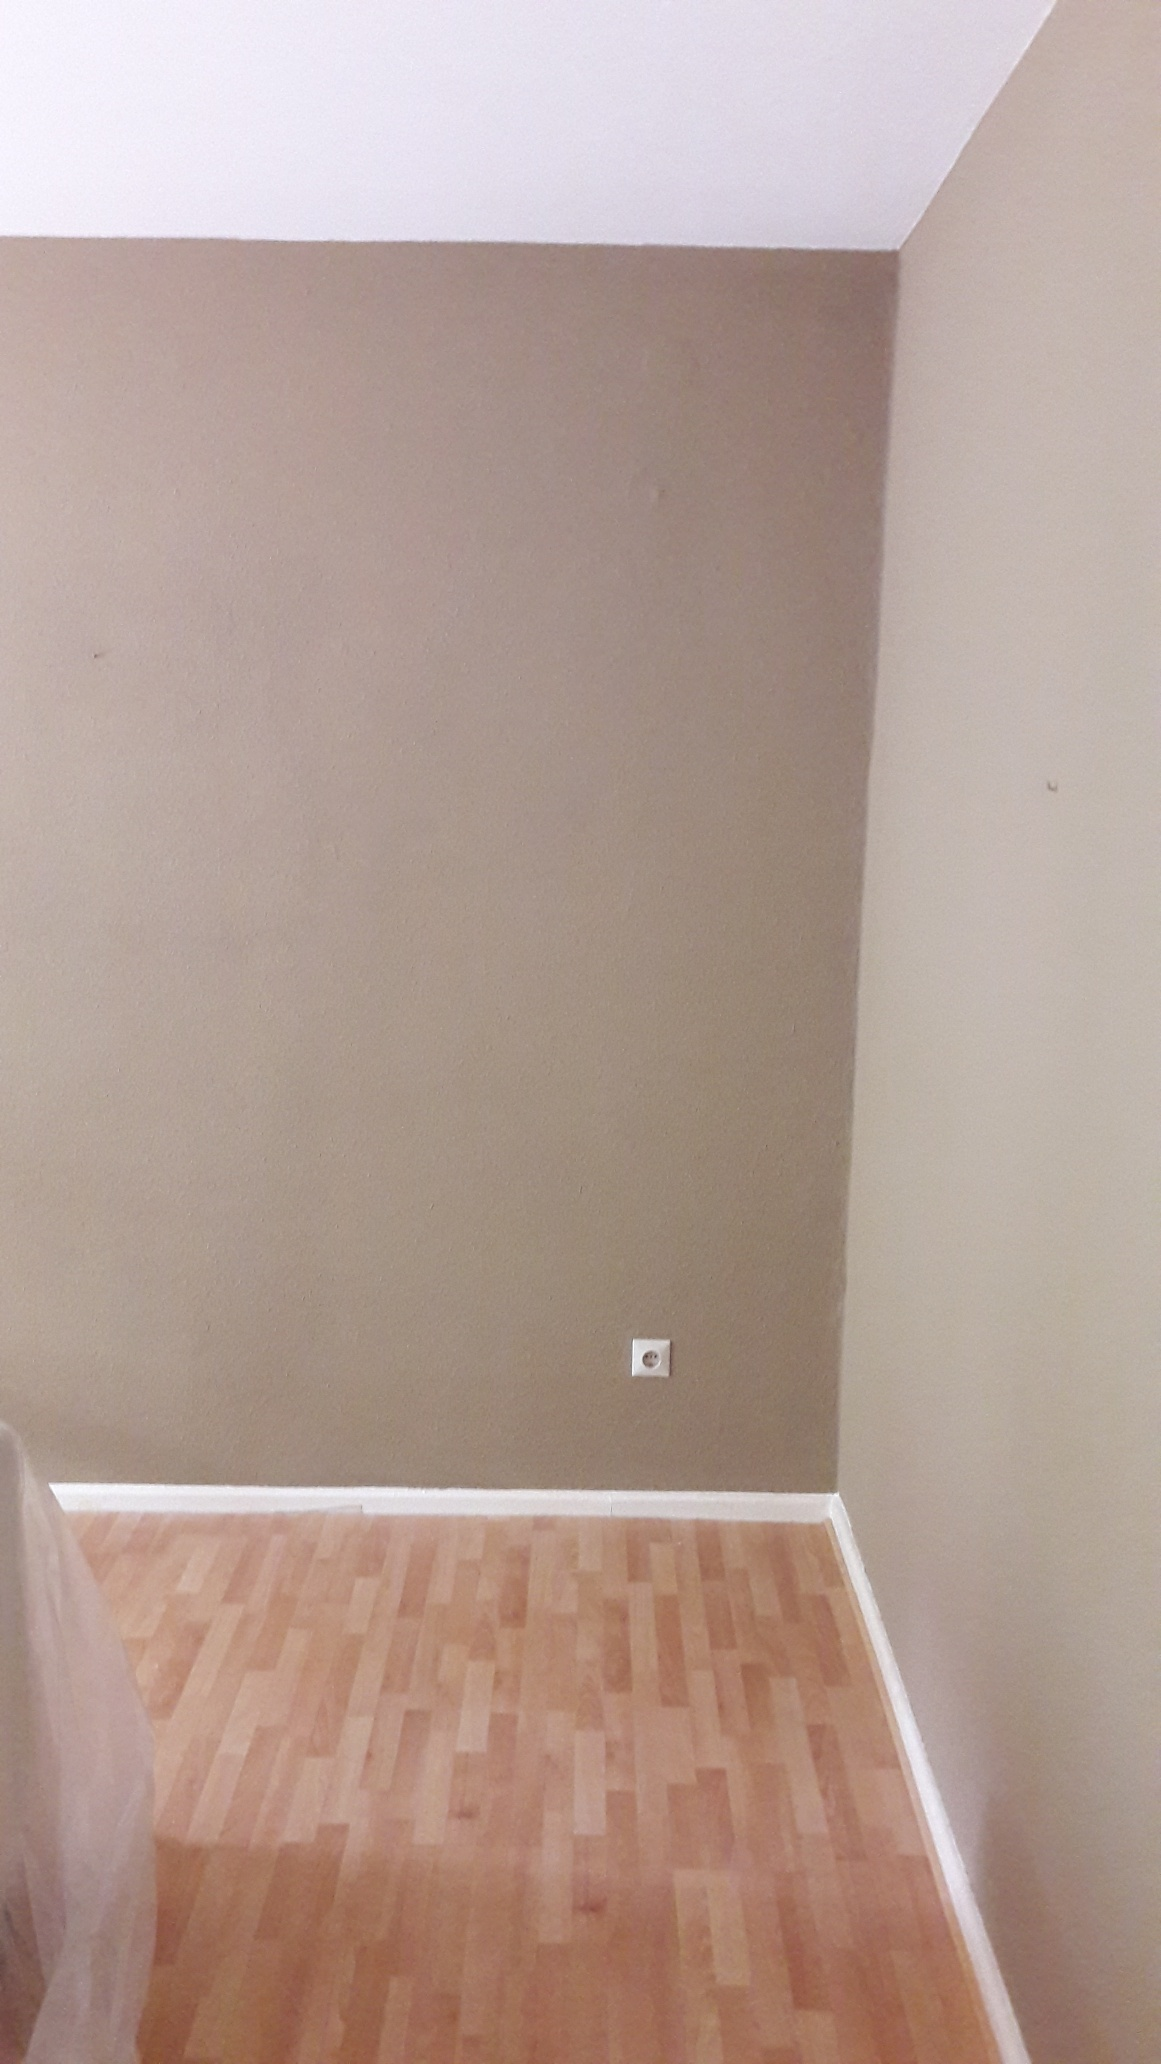 maler sucht was zum streichen bei privat ihre wohnung. Black Bedroom Furniture Sets. Home Design Ideas